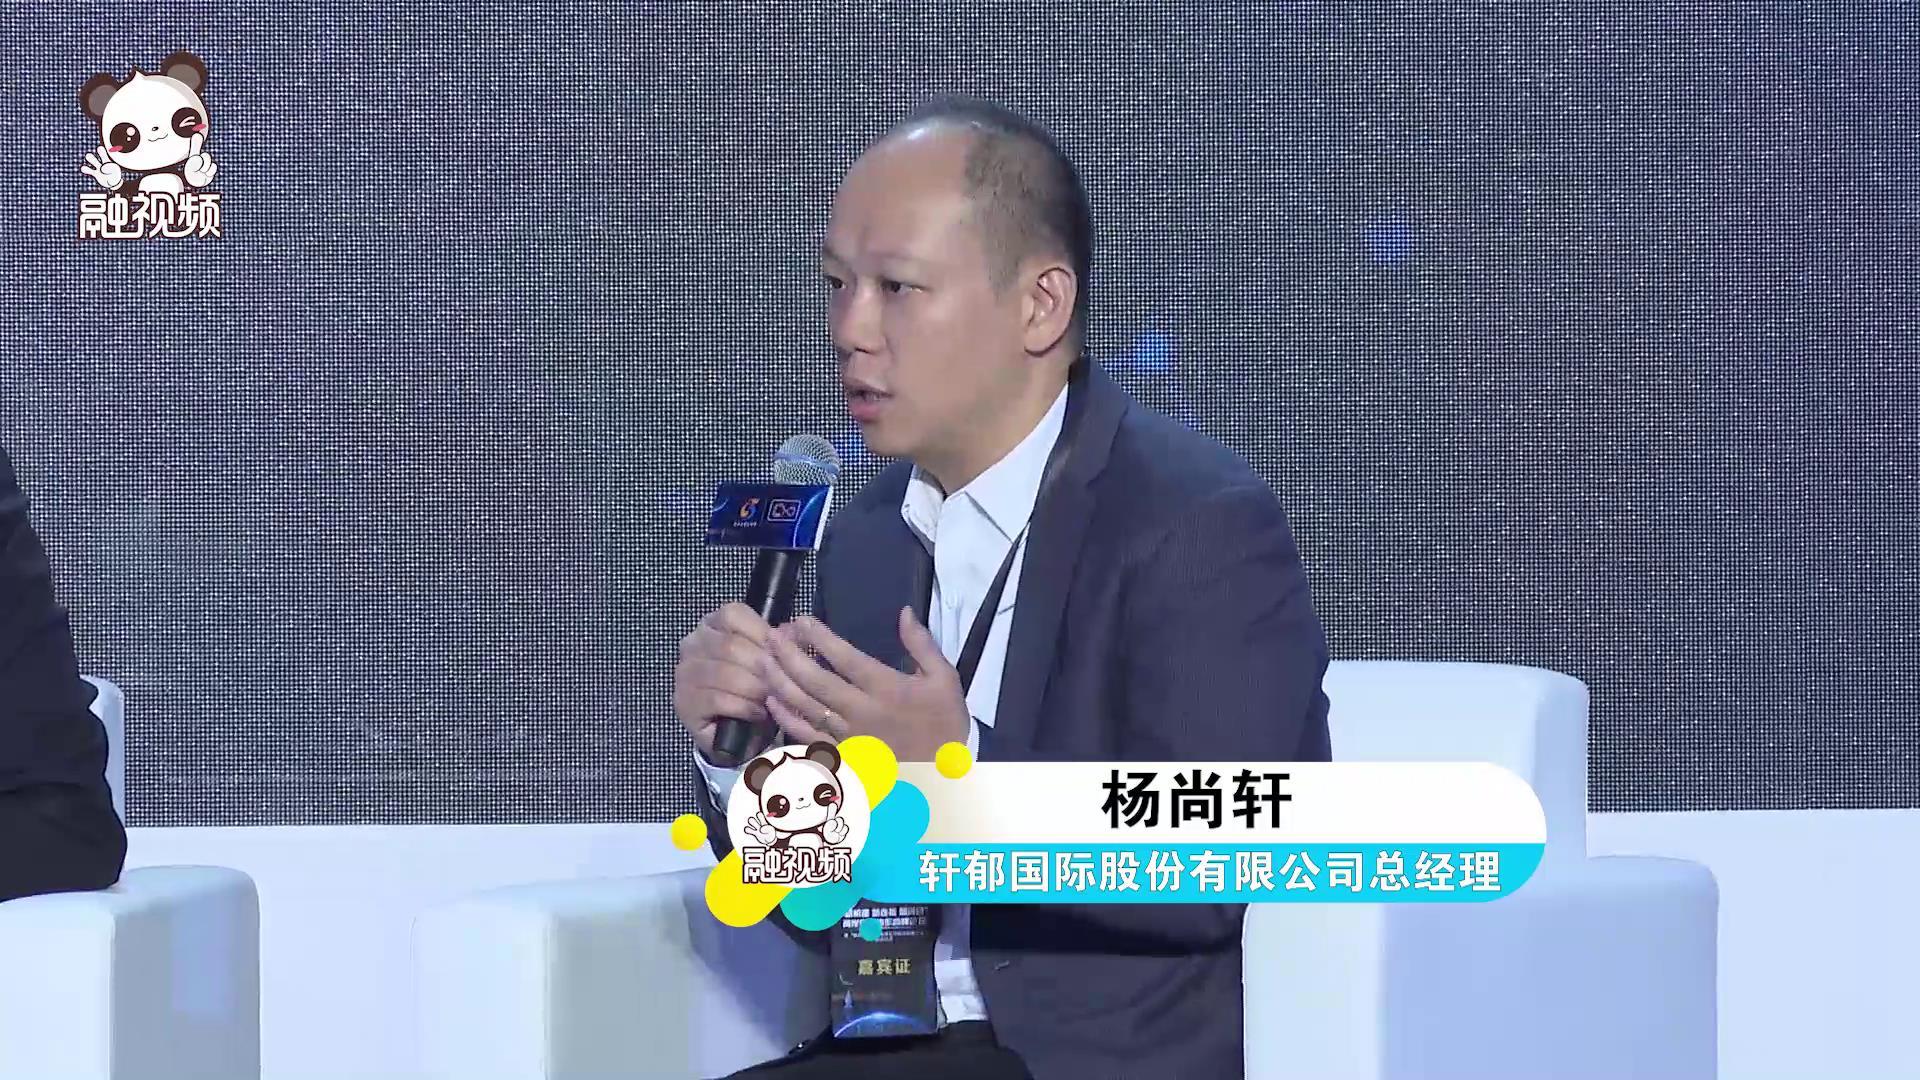 轩郁国际股份有限公司总经理杨尚轩发言图片